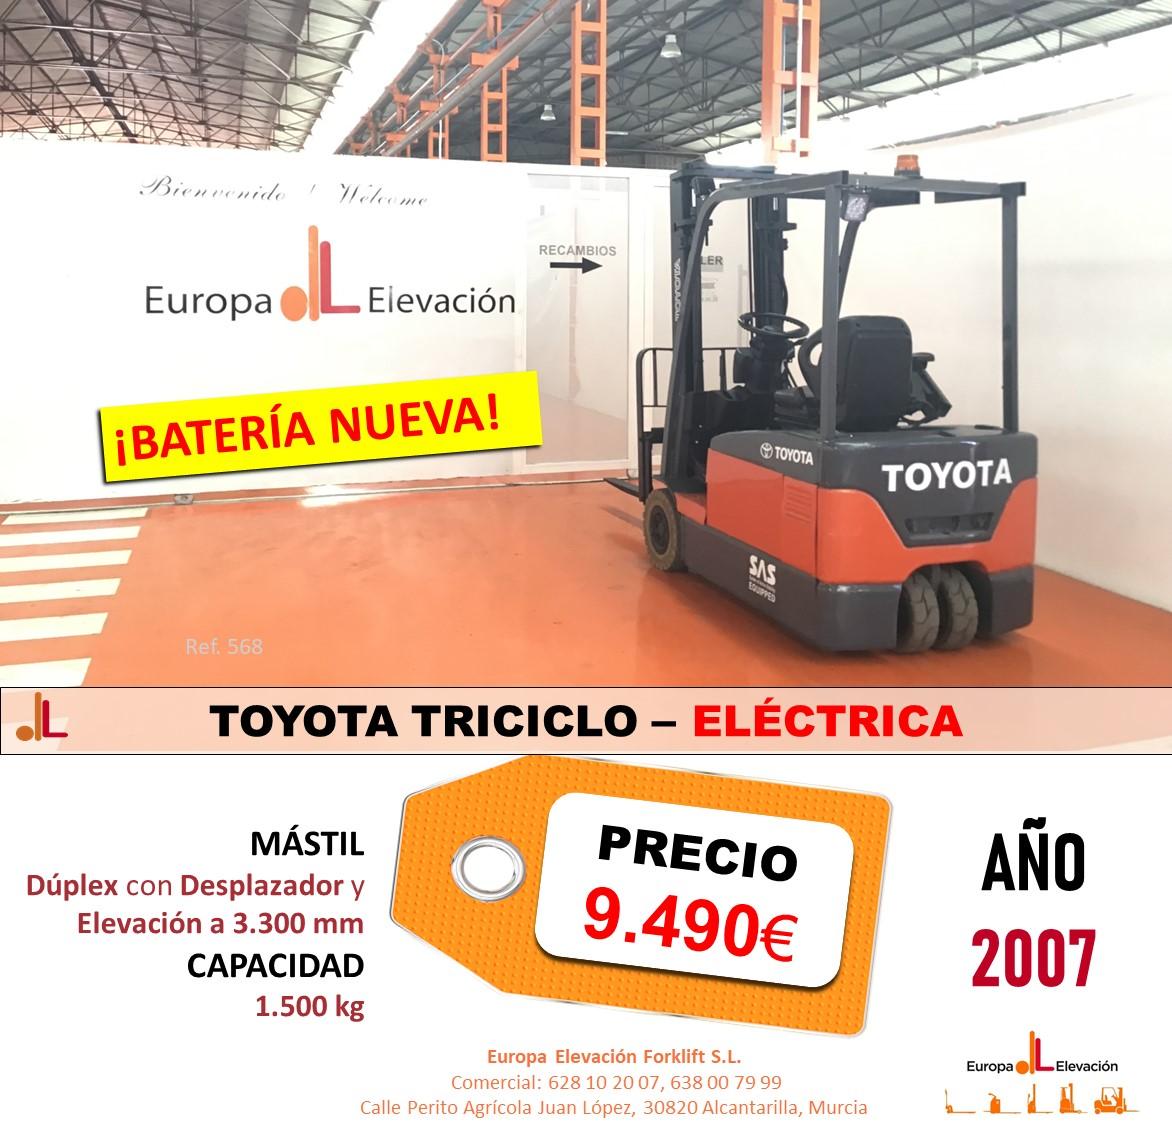 568 TOYOTA TRICICLO ELÉCTRICA EUROPA ELEVACIÓN BATERÍA NUEVA